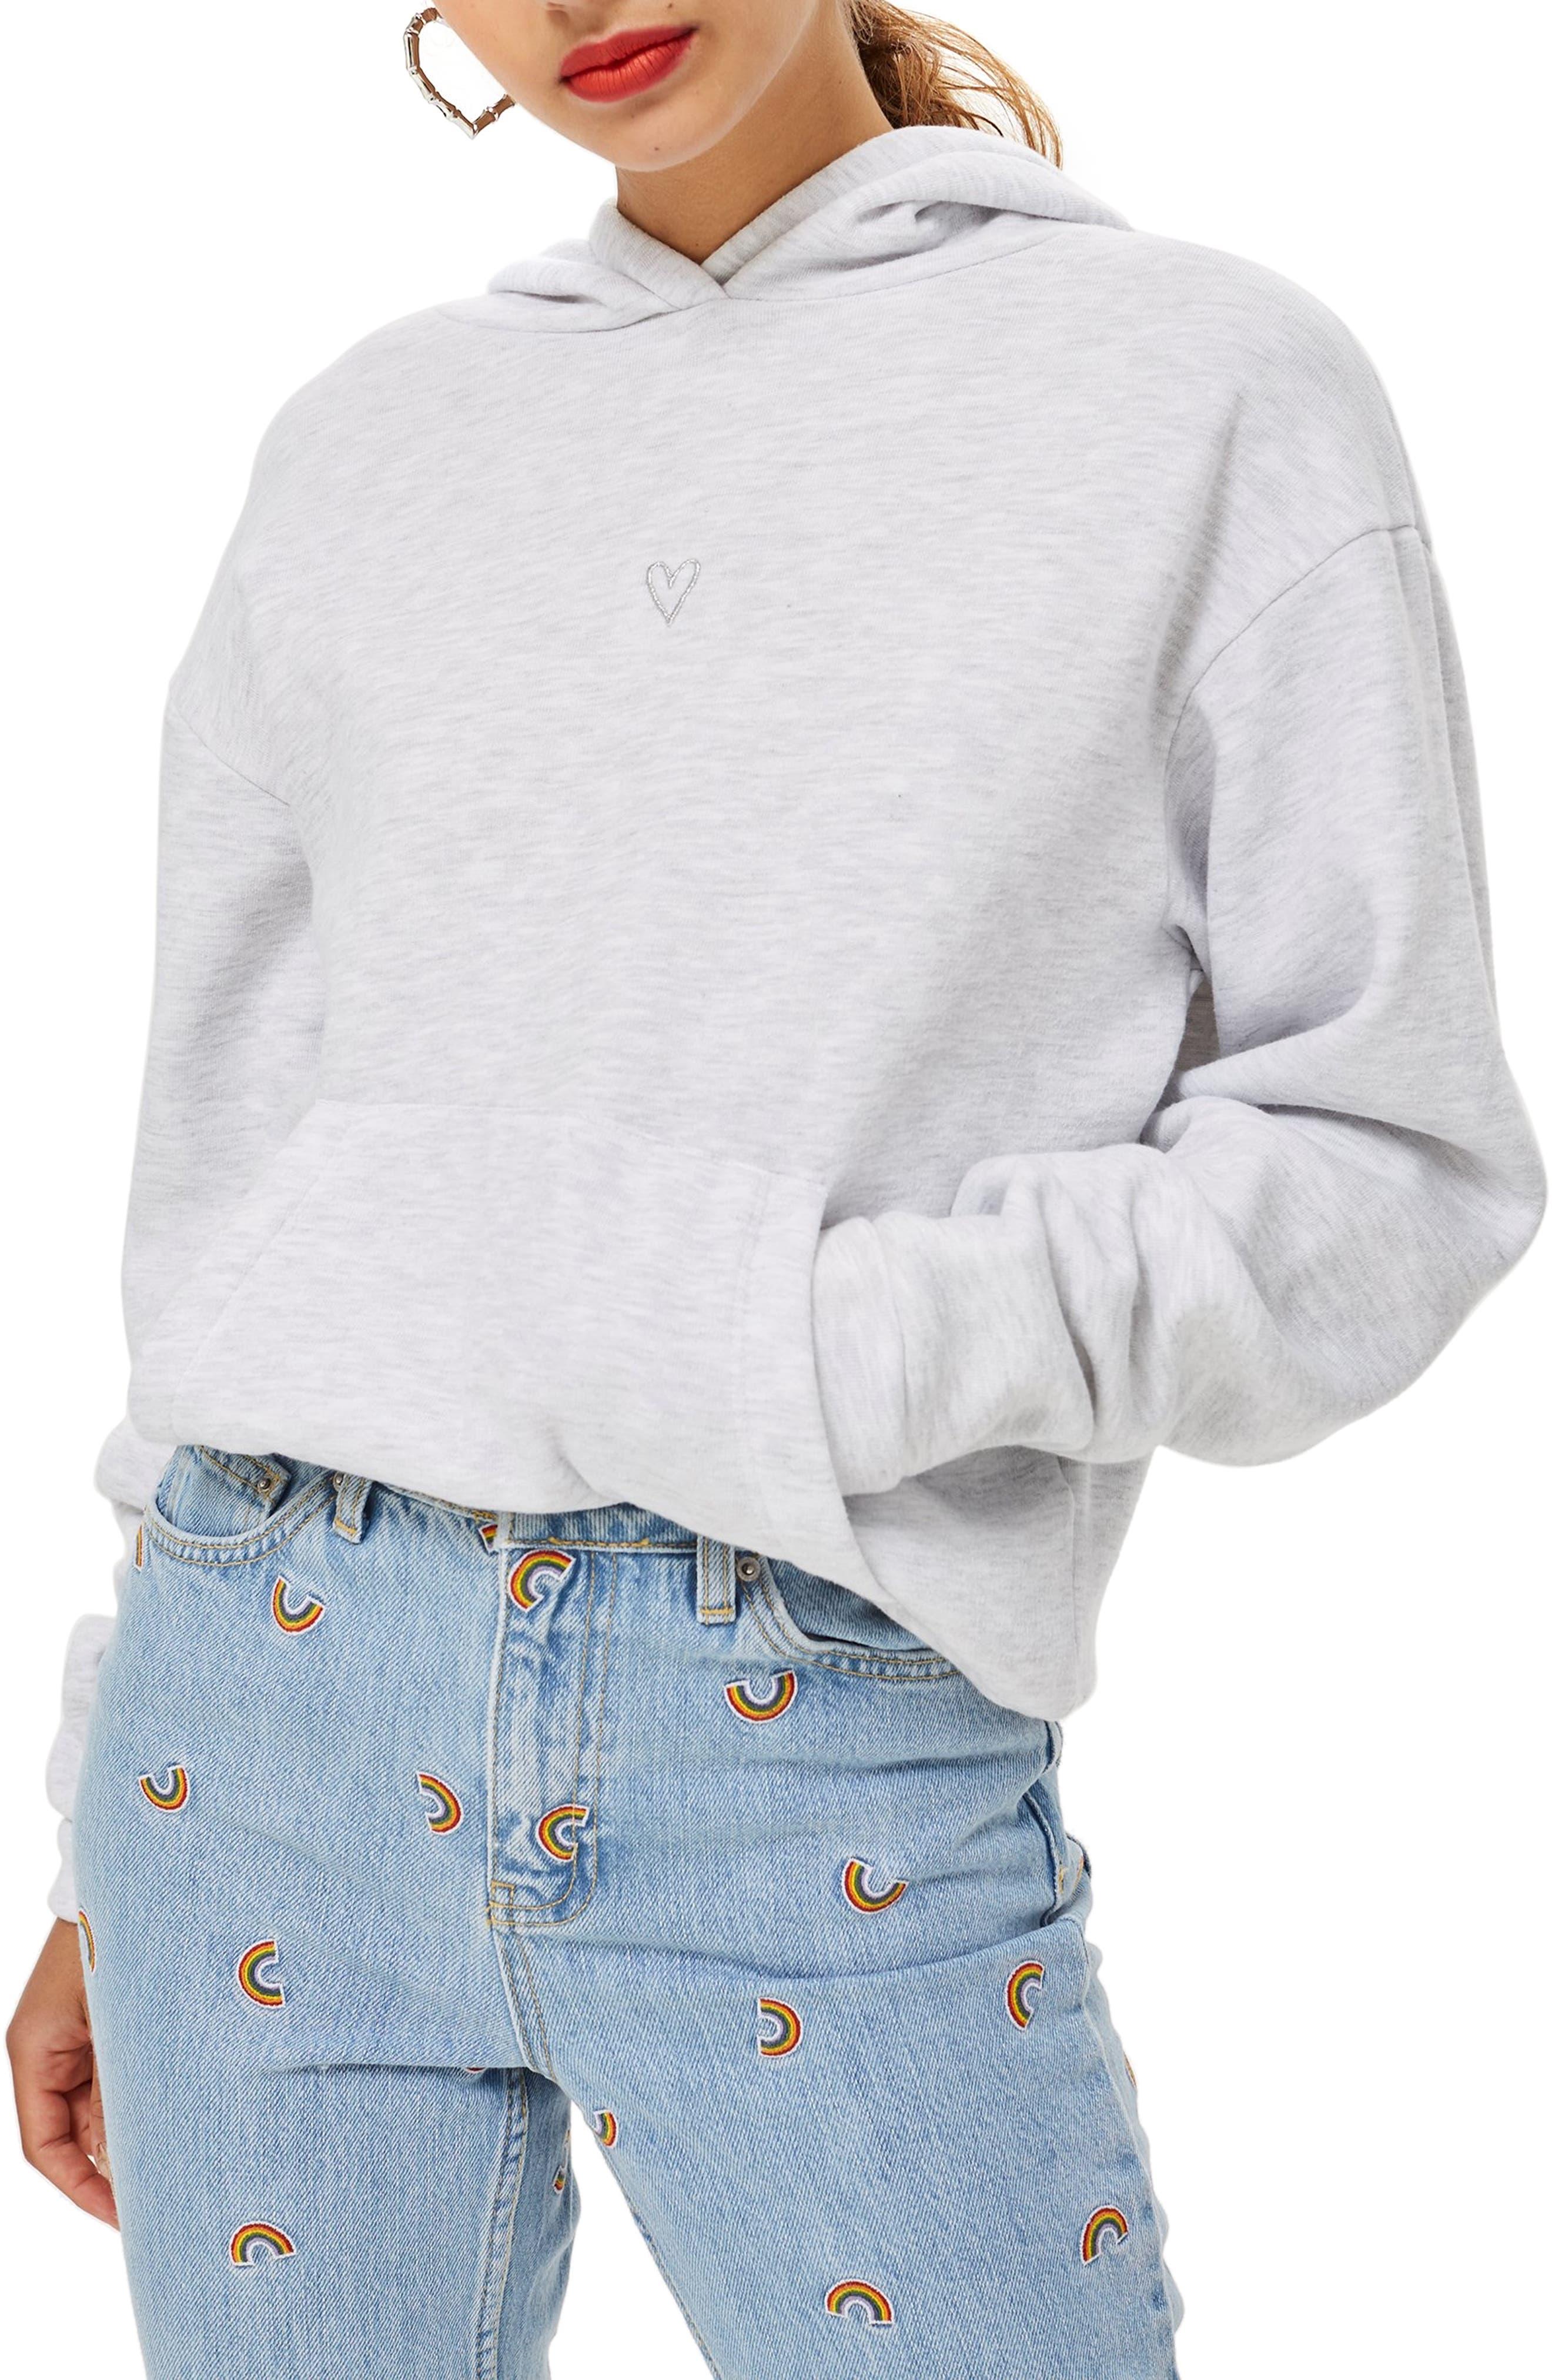 Heart Hoodie Sweatshirt,                         Main,                         color, GREY MARL